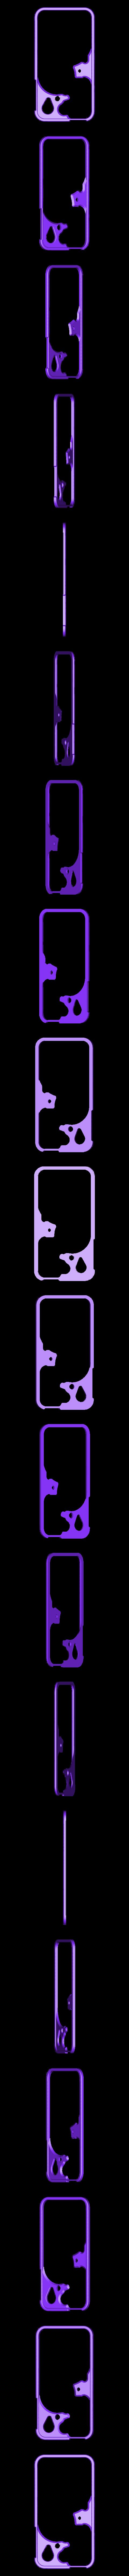 iPhone_4S_Gear_Case_Ridge.stl Télécharger fichier STL gratuit Amélioré ! iPhone Gear Case avec mécanisme de Genève • Objet pour impression 3D, bobodurand4589